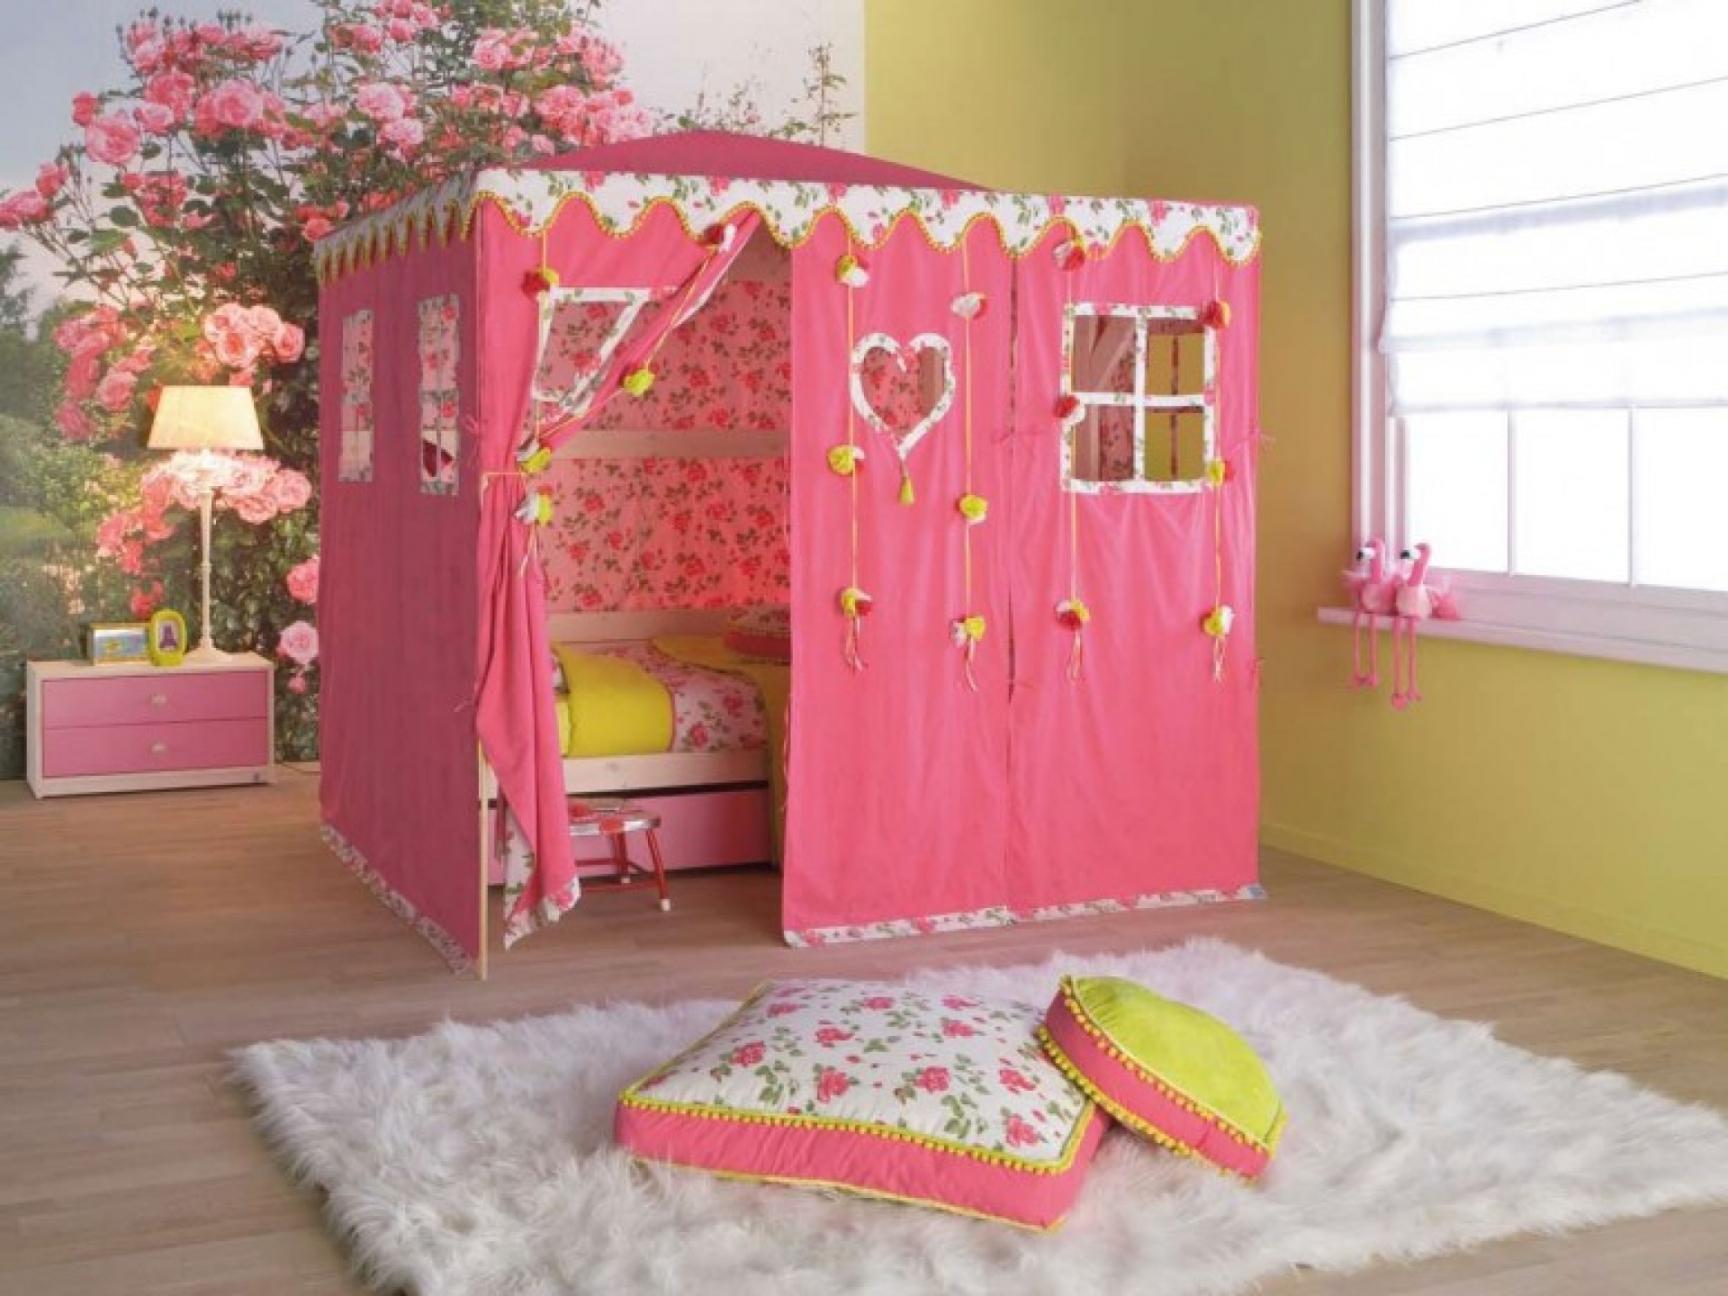 Wallpapers For Walls Teenage Girls Bedroom Wallpaper Bedroom Design 1728x1296